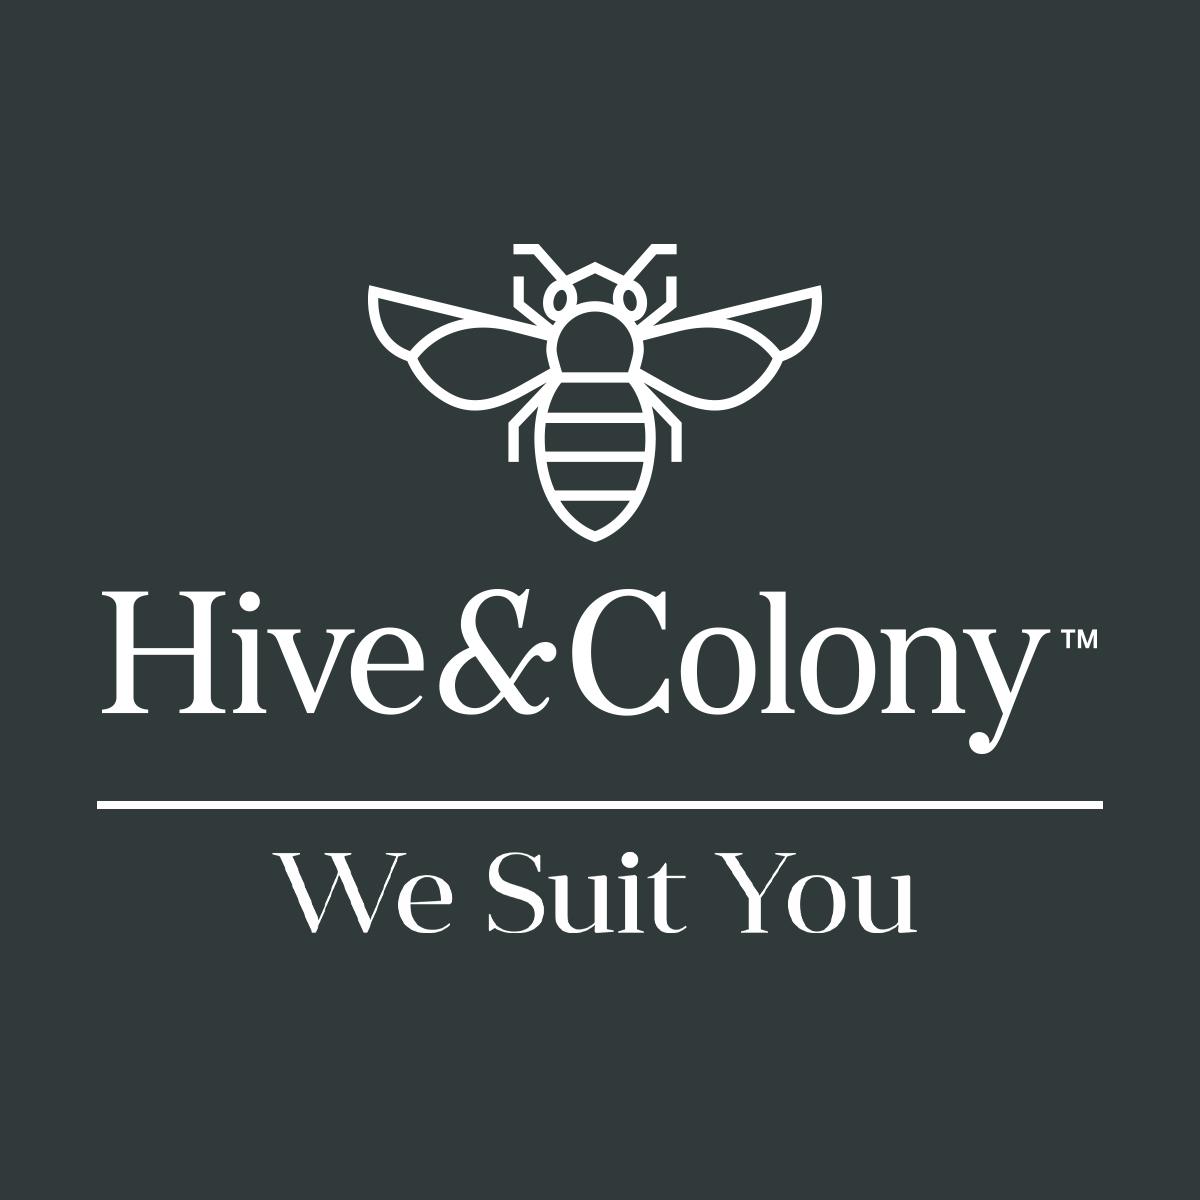 Hive & Colony